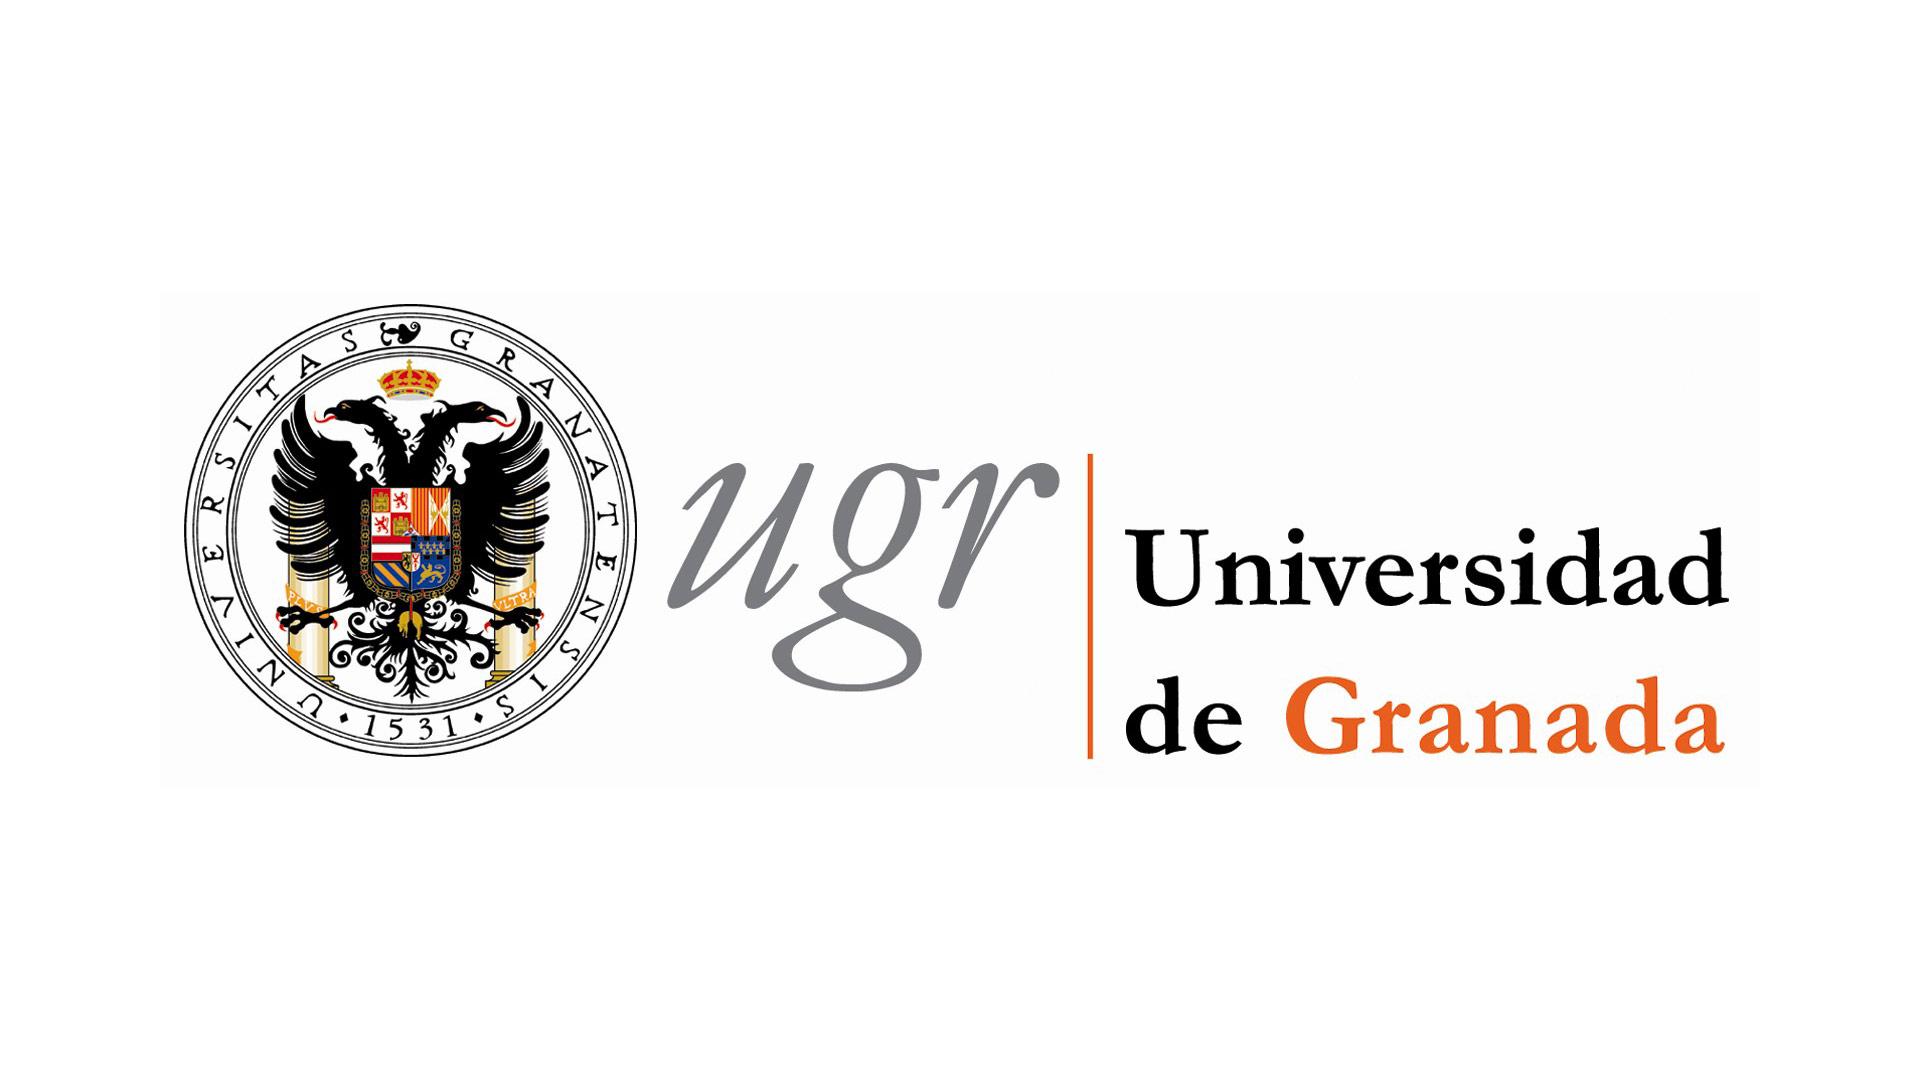 Colegio santo domingo granada reconocimiento de la ugr for Acceso correo ugr